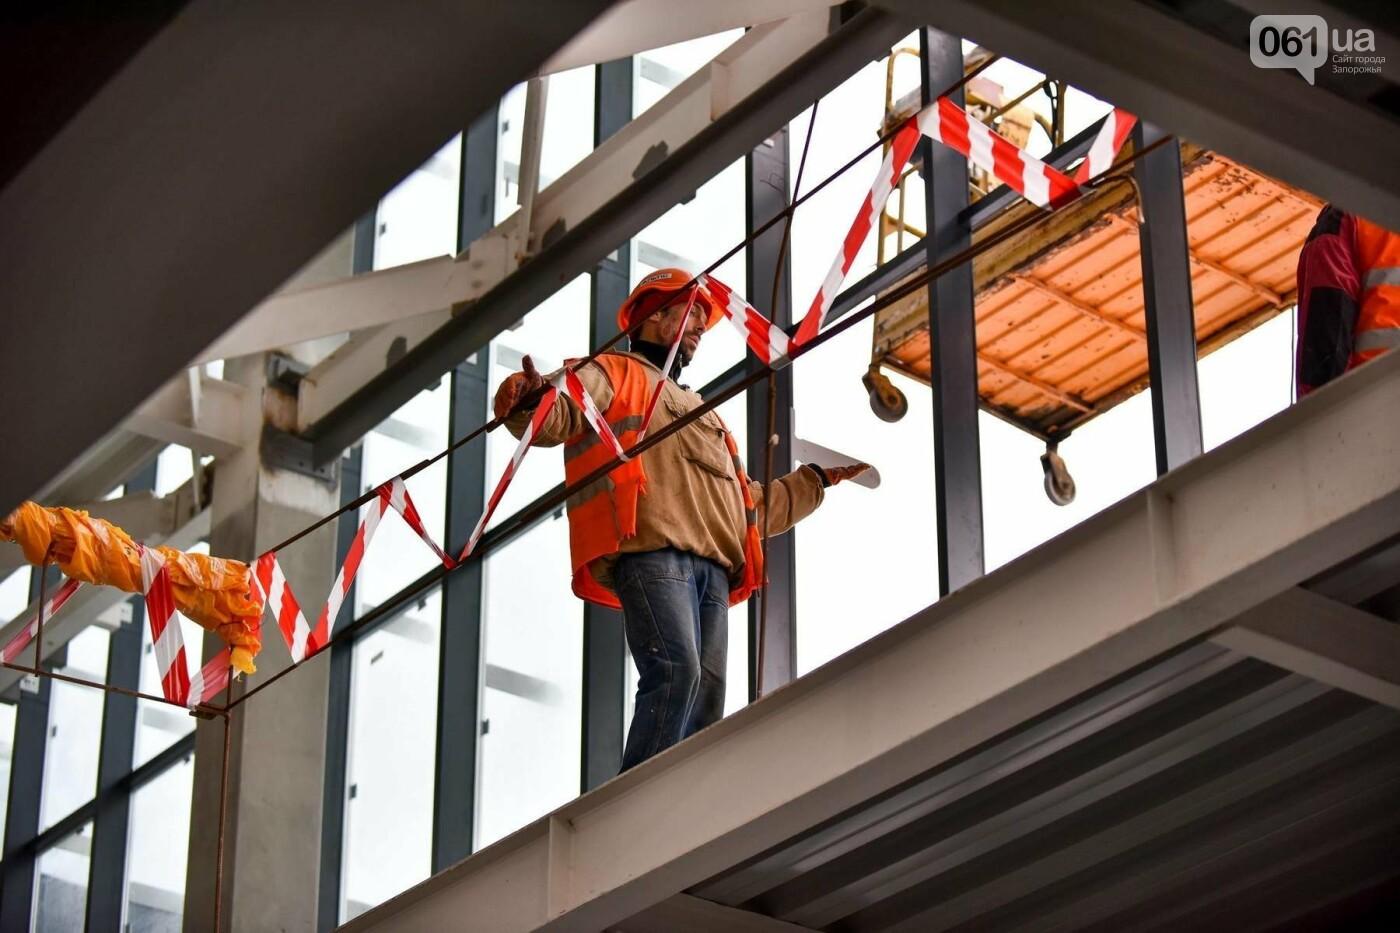 Запорожский аэропорт возьмет кредит на строительство терминала и прогнозирует увеличение пассажиропотока до одного миллиона, — ФОТОРЕПОРТАЖ, фото-9